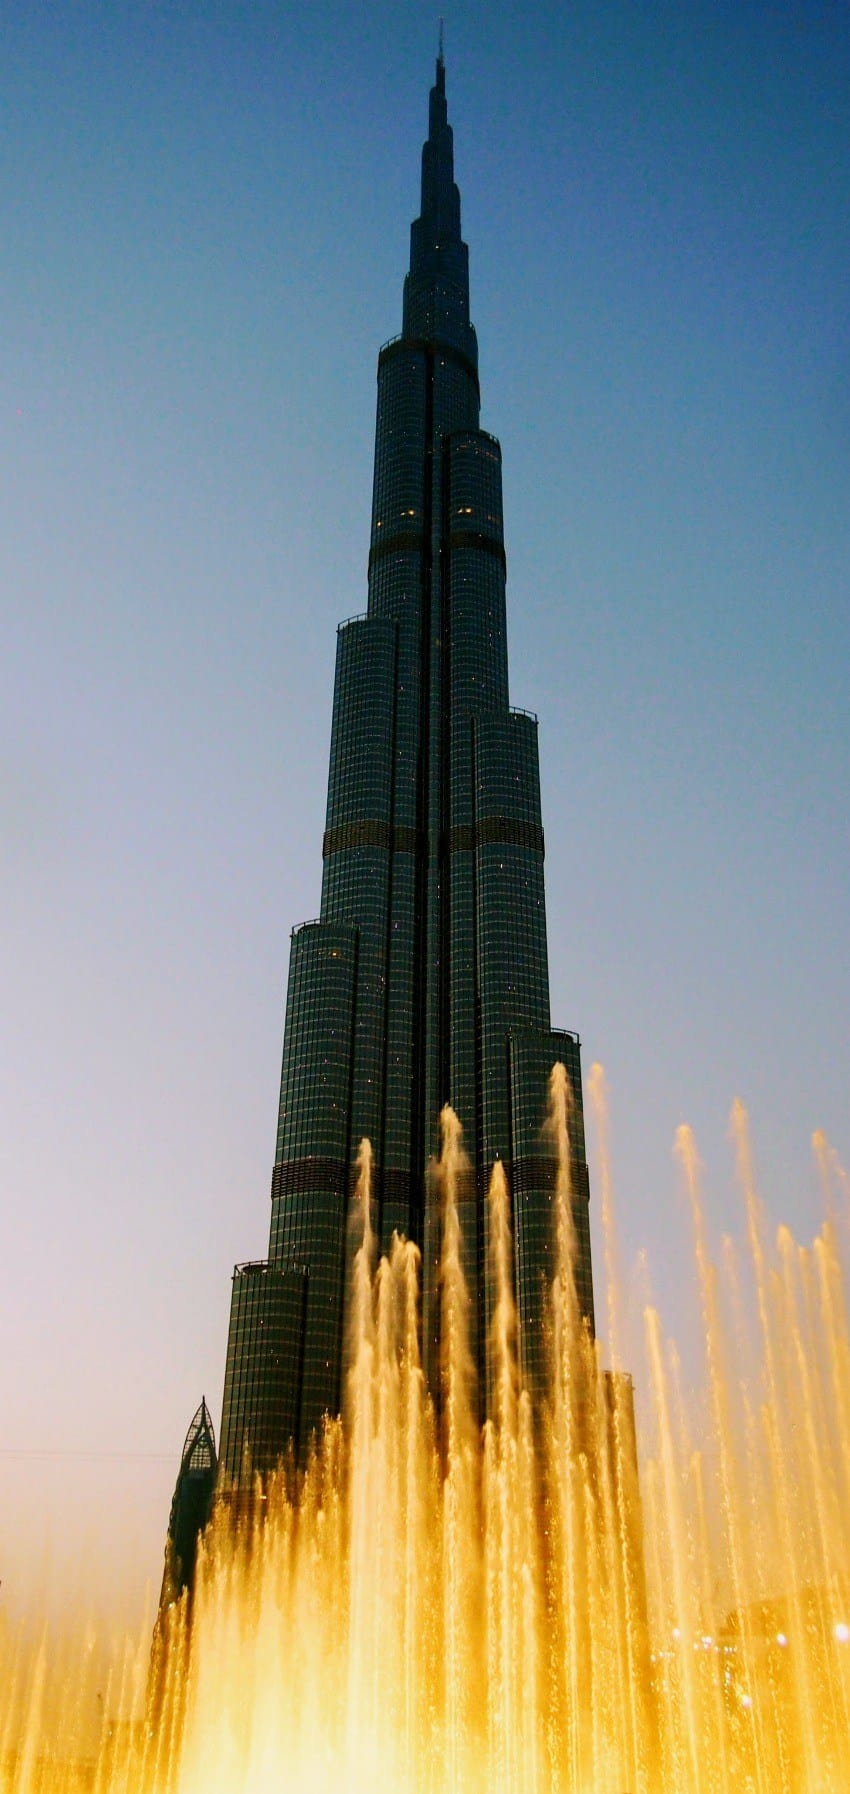 Burj Khalifa Dubai Travel Blog Guide